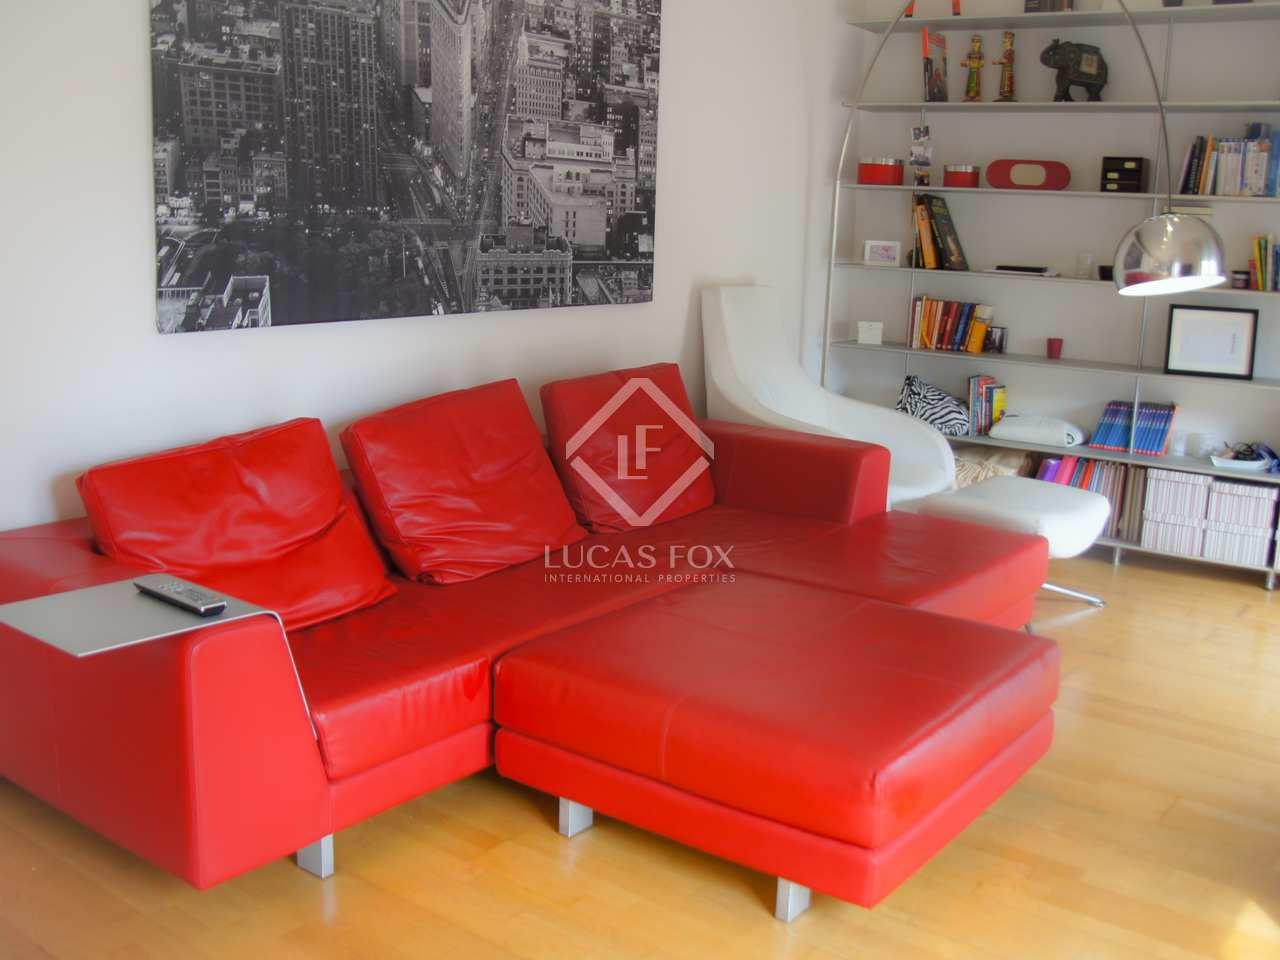 Apartamento de 120m en alquiler en sant francesc valencia for Recogida muebles ayuntamiento valencia